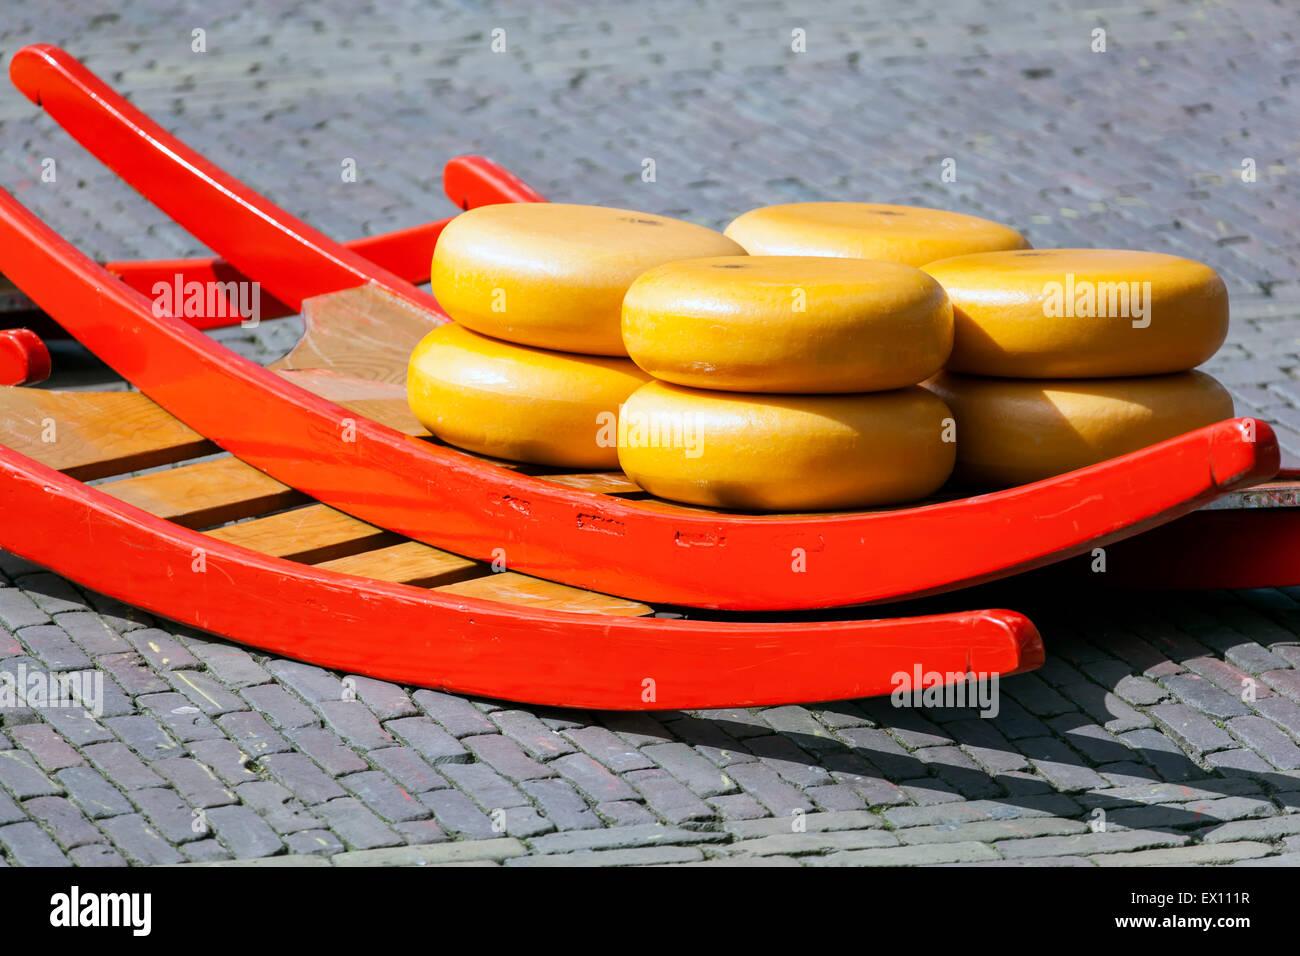 Turni di formaggio su sled, mercato del formaggio di Alkmaar, Holland, Paesi Bassi Immagini Stock